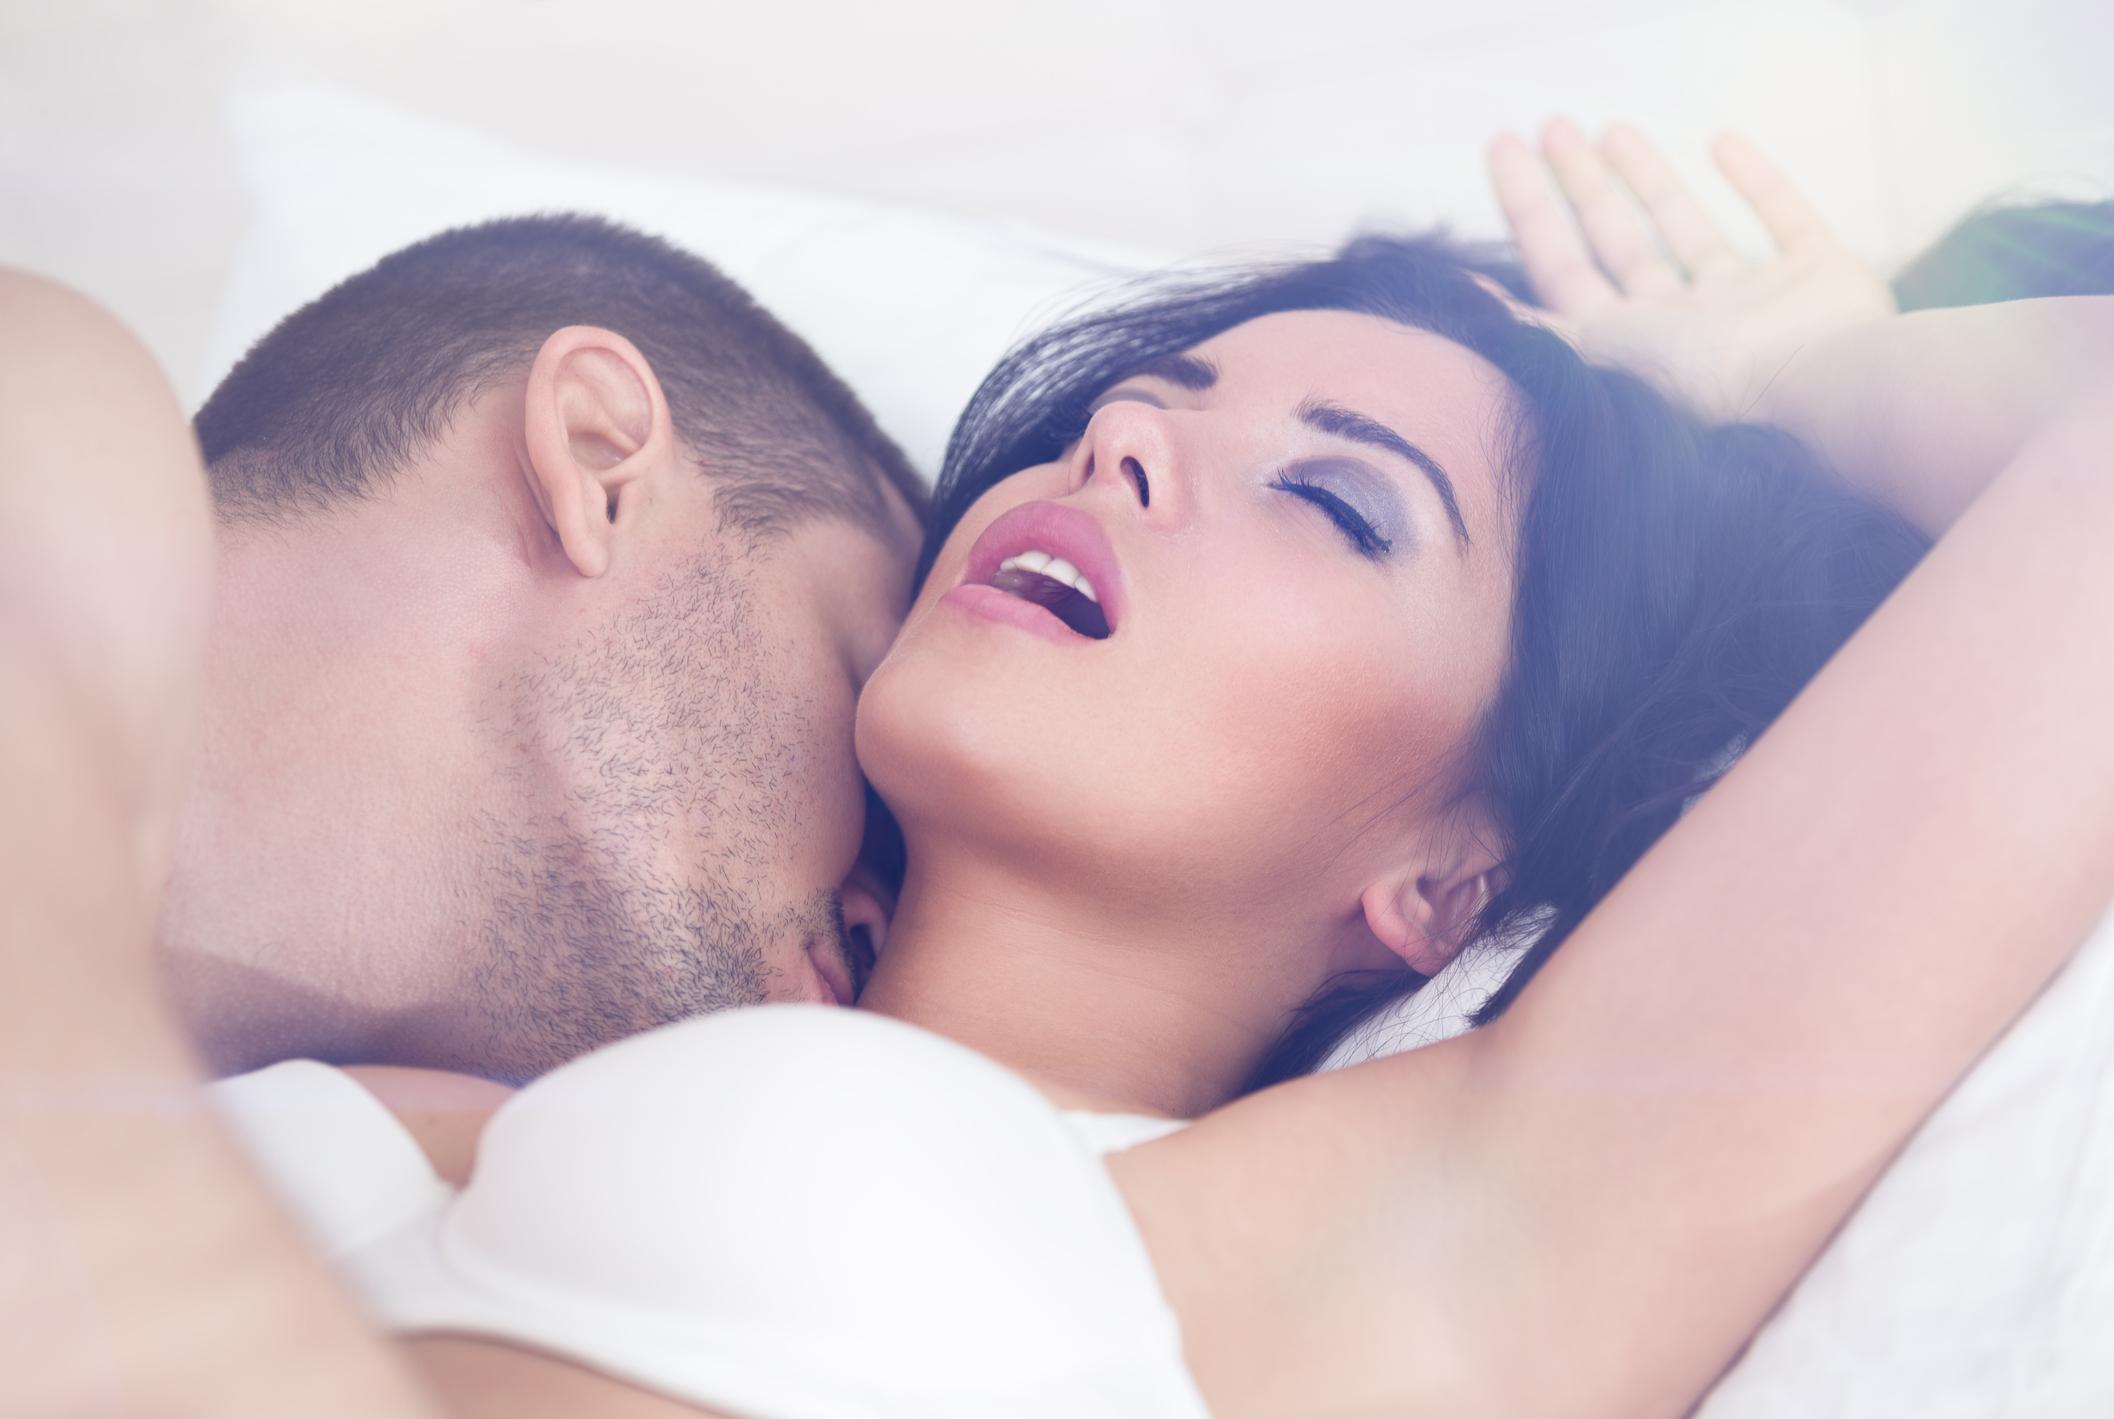 Www ασιατικό σεξ εικόνα